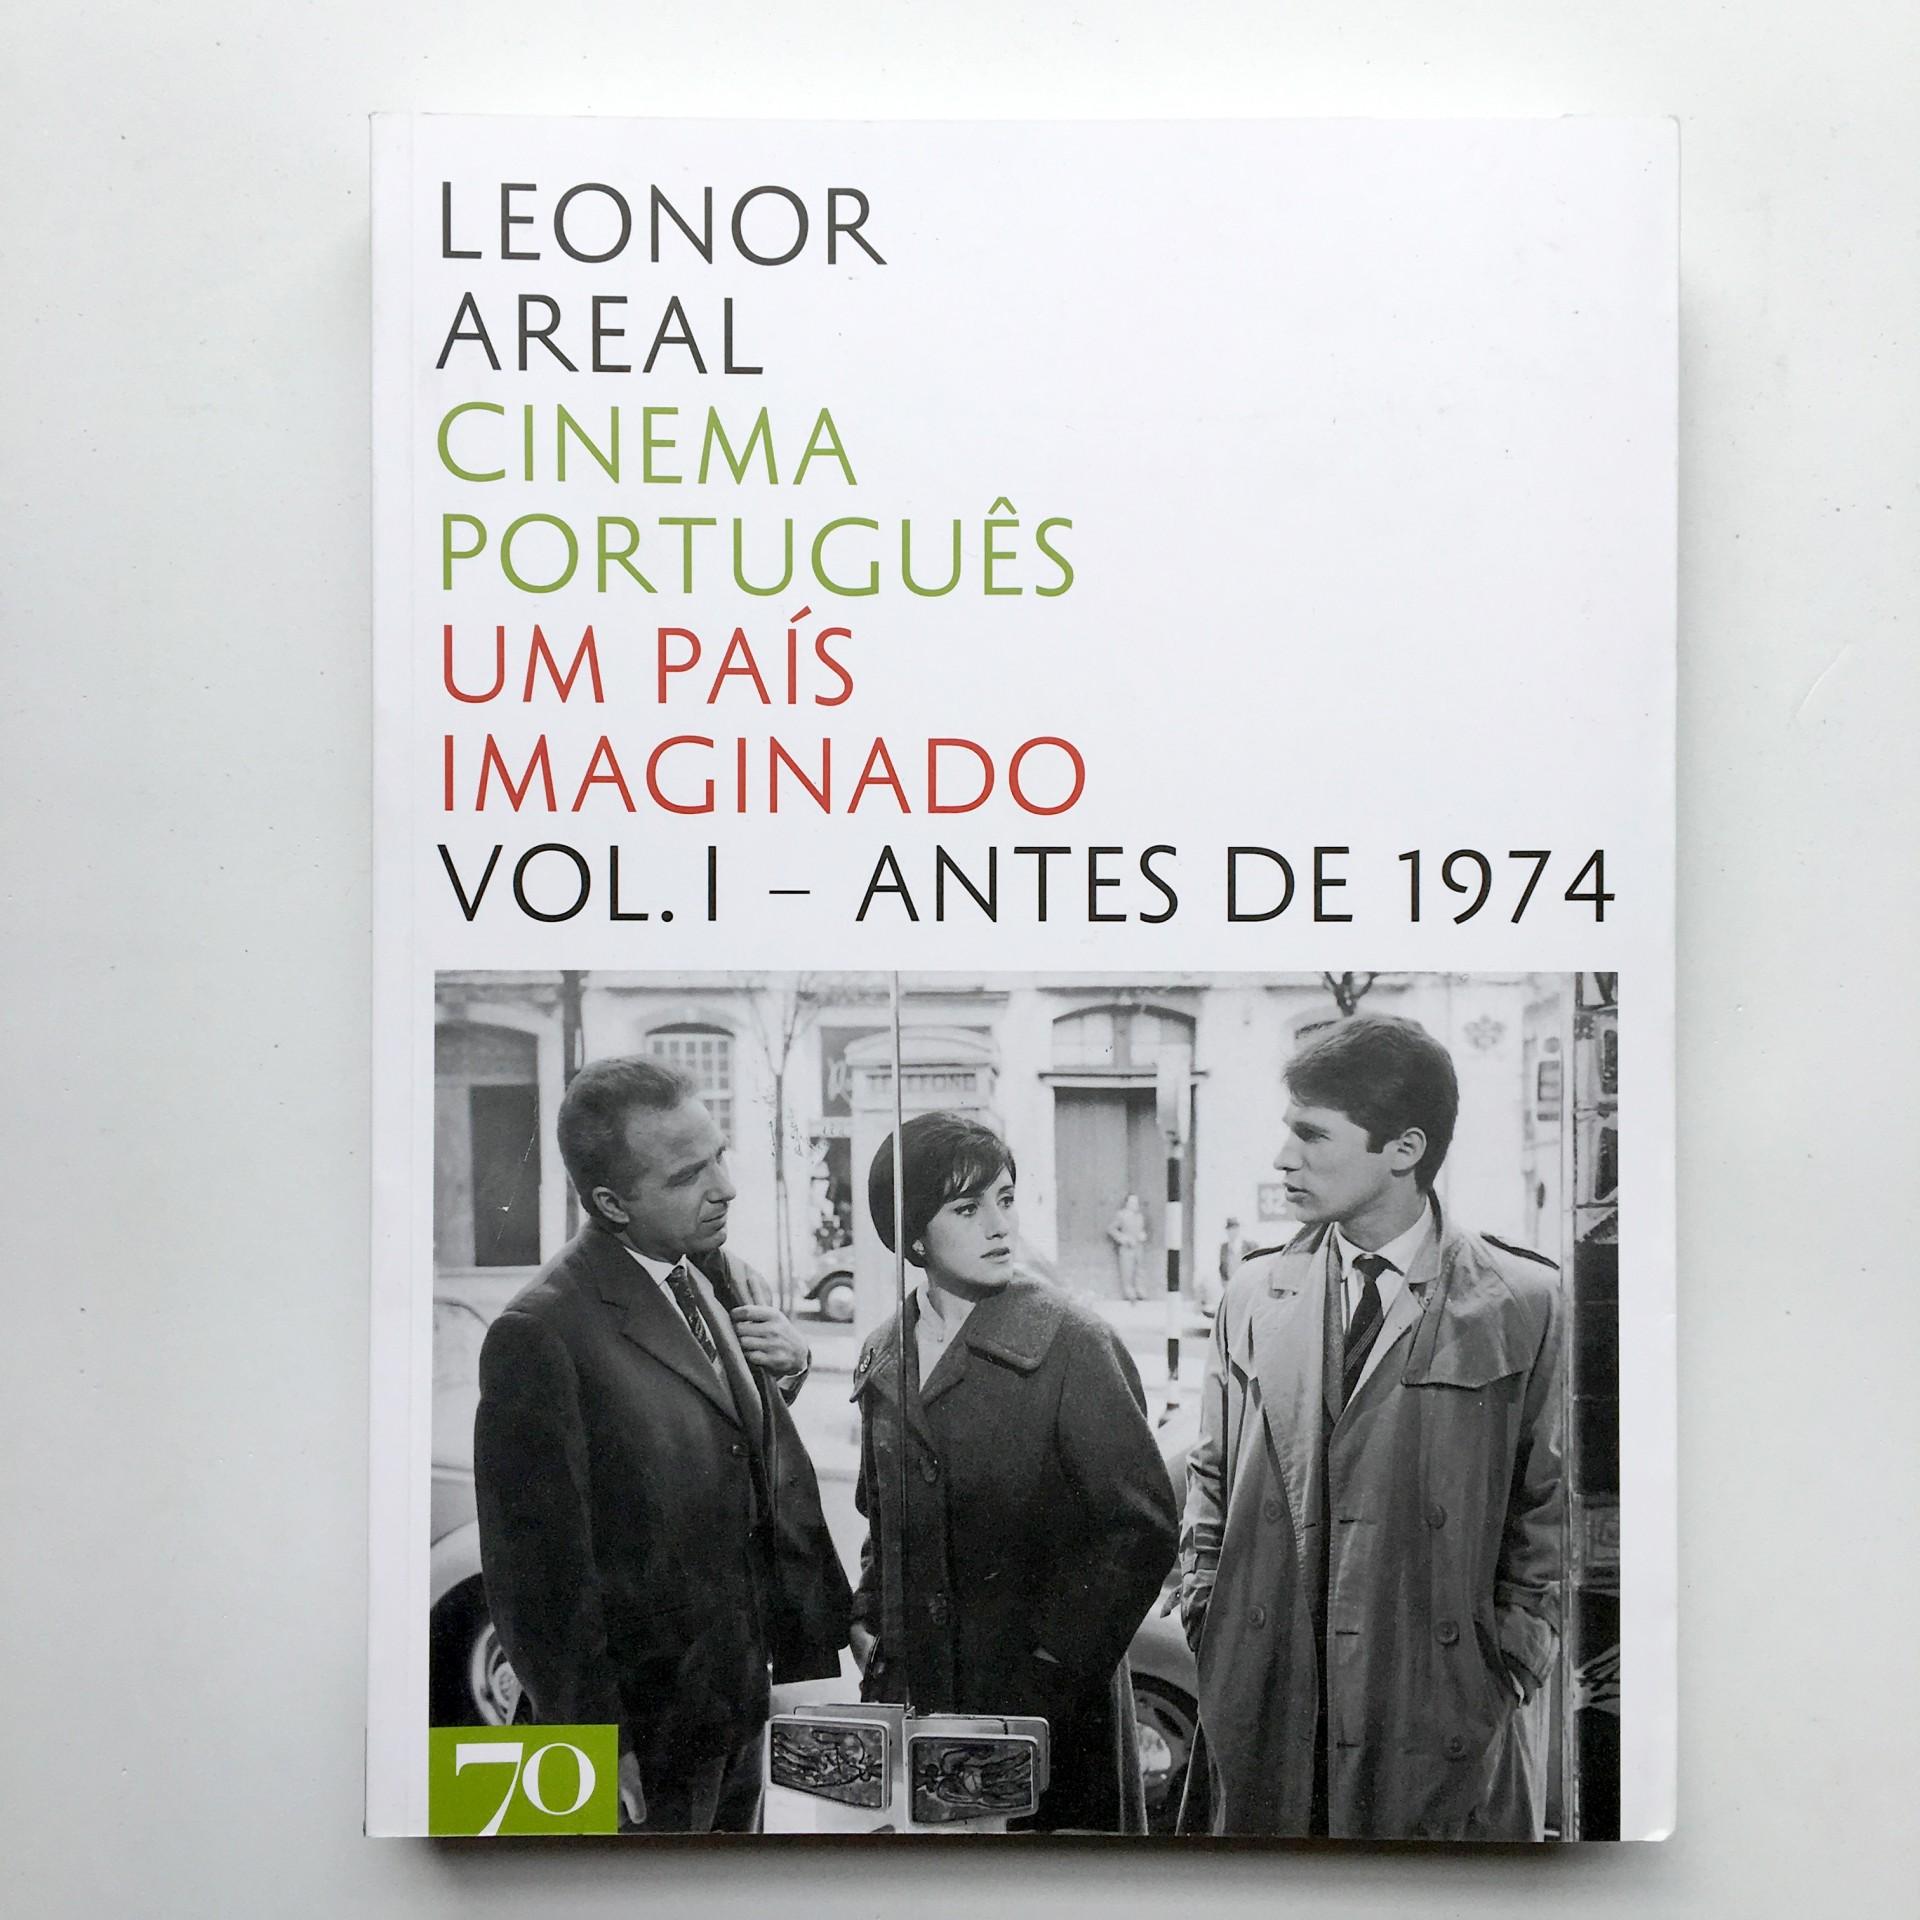 Cinema Português: Um País Imaginado vol. I